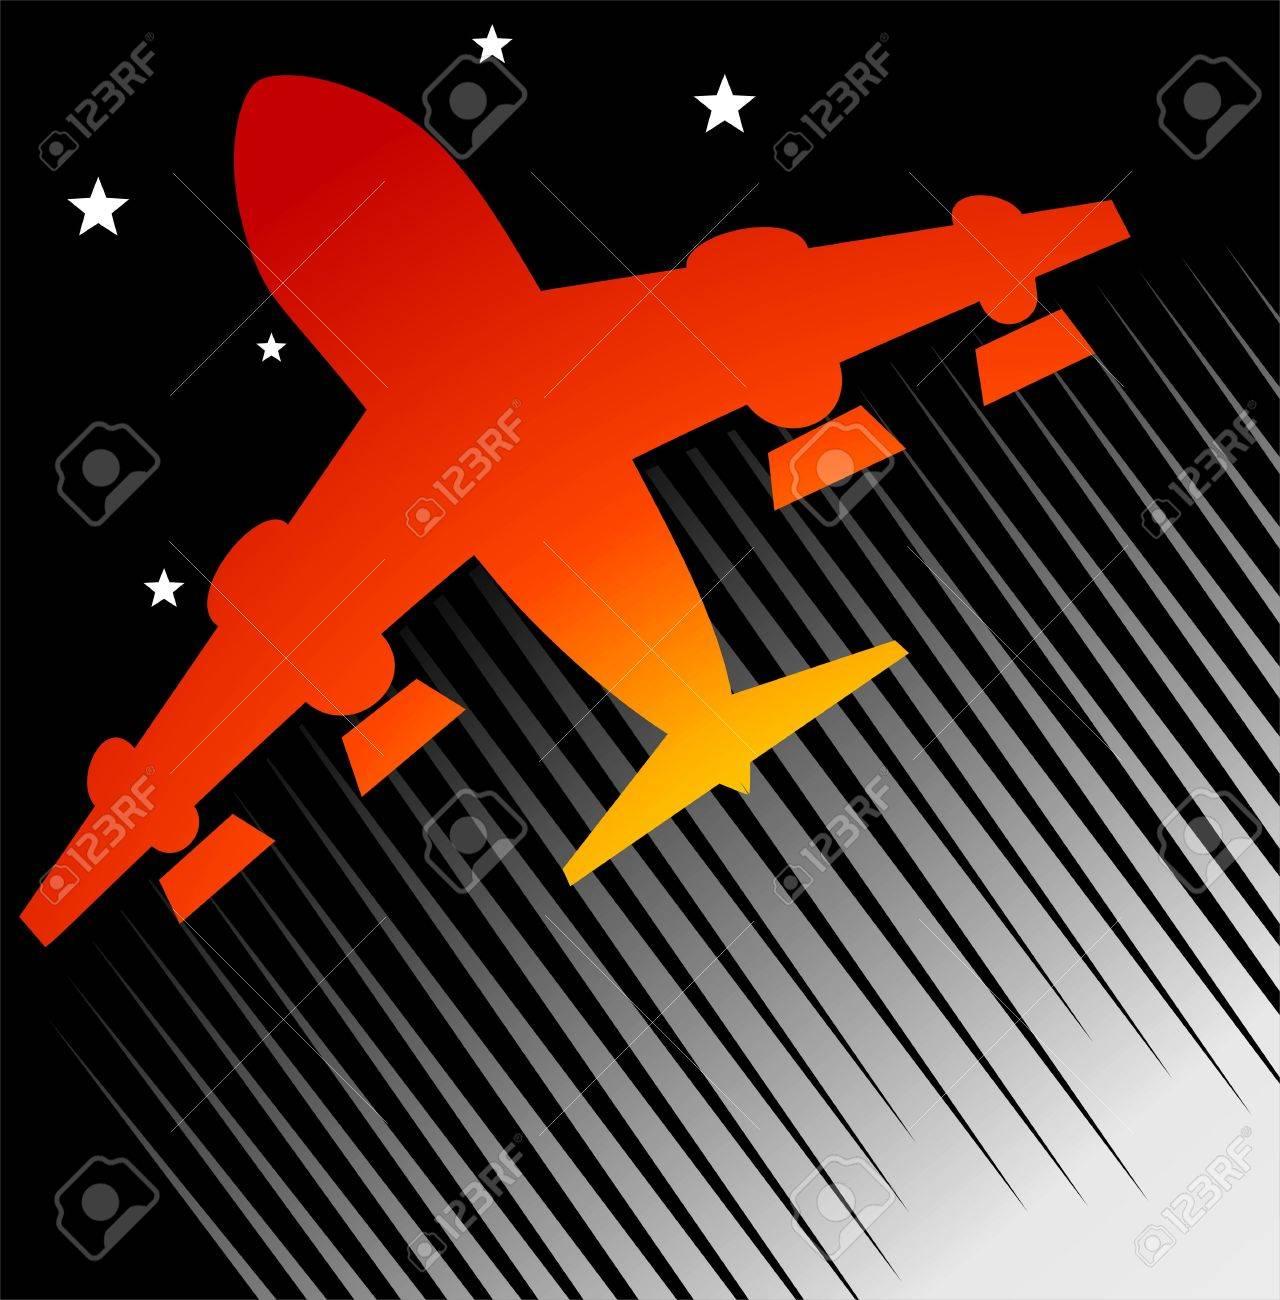 Ilustración De Un Avión De Color Rojo En Fondo Negro Fotos, Retratos ...